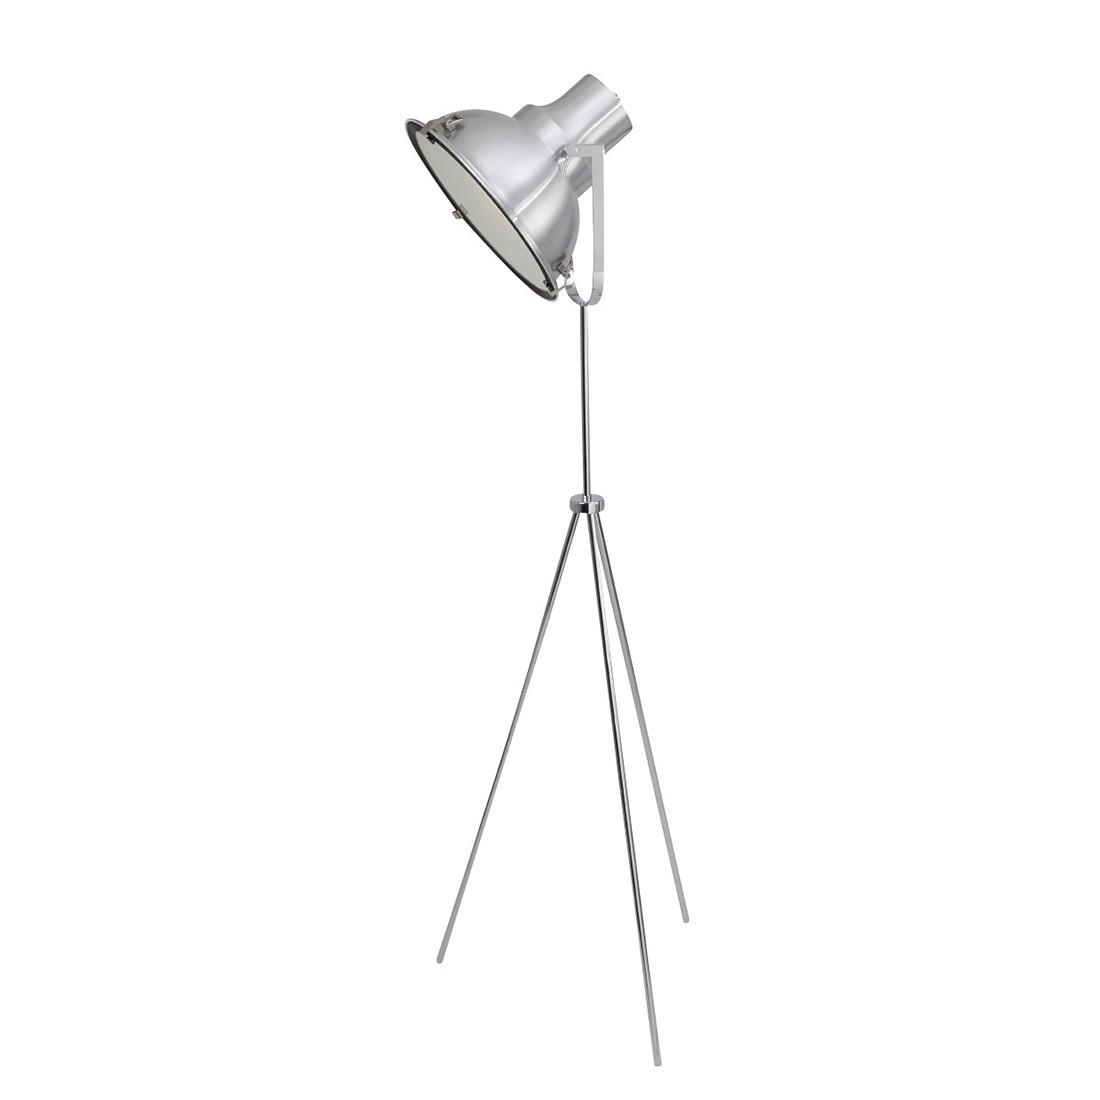 Lampada LED da terra Parade, Steinhauer